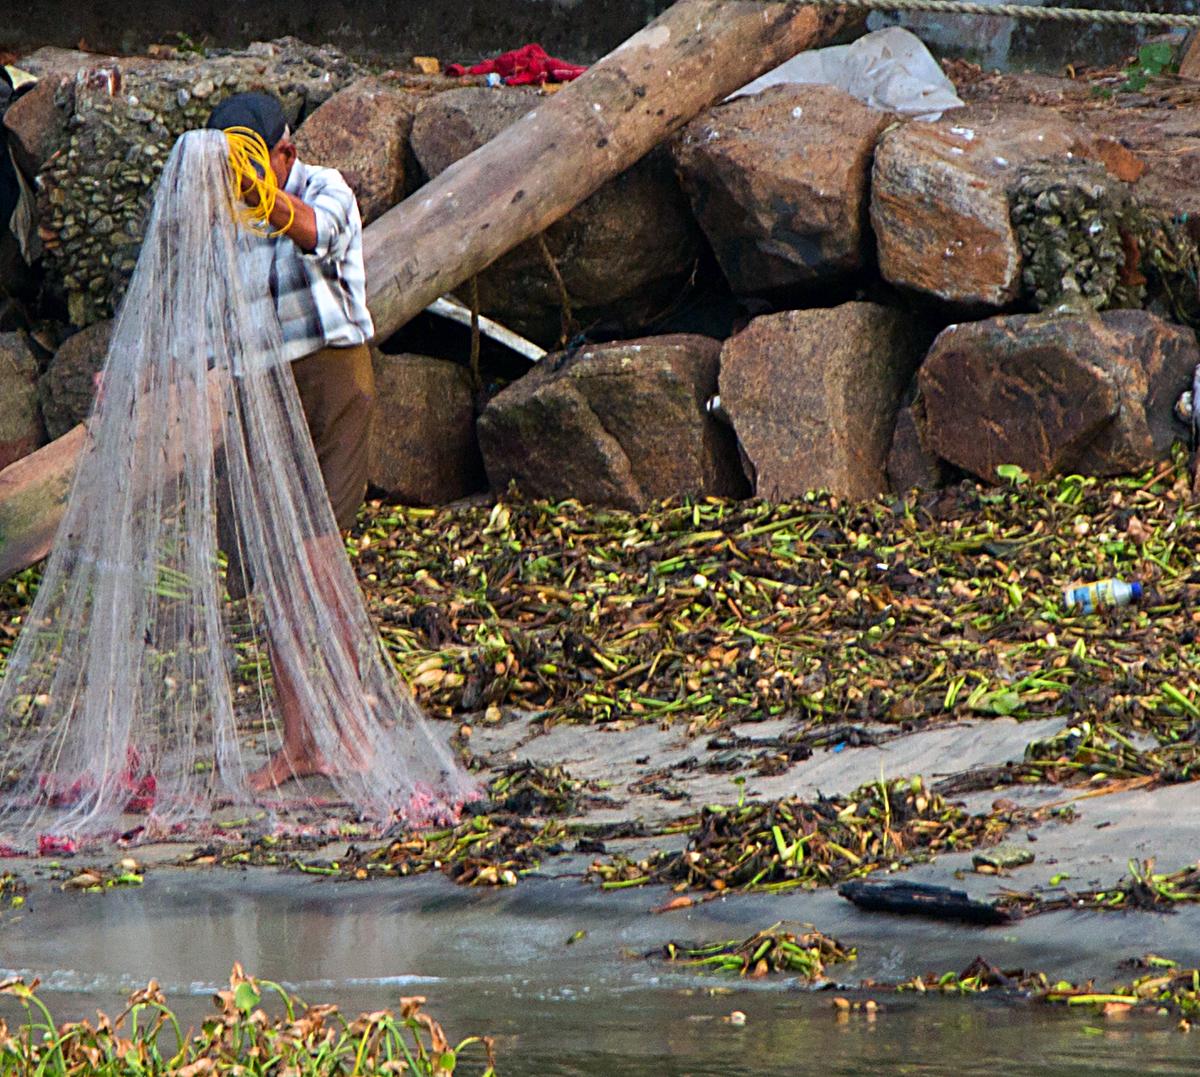 INDIEN Cochin Kerala Menschen Fischmarkt FINEST-onTour 8987.jpg